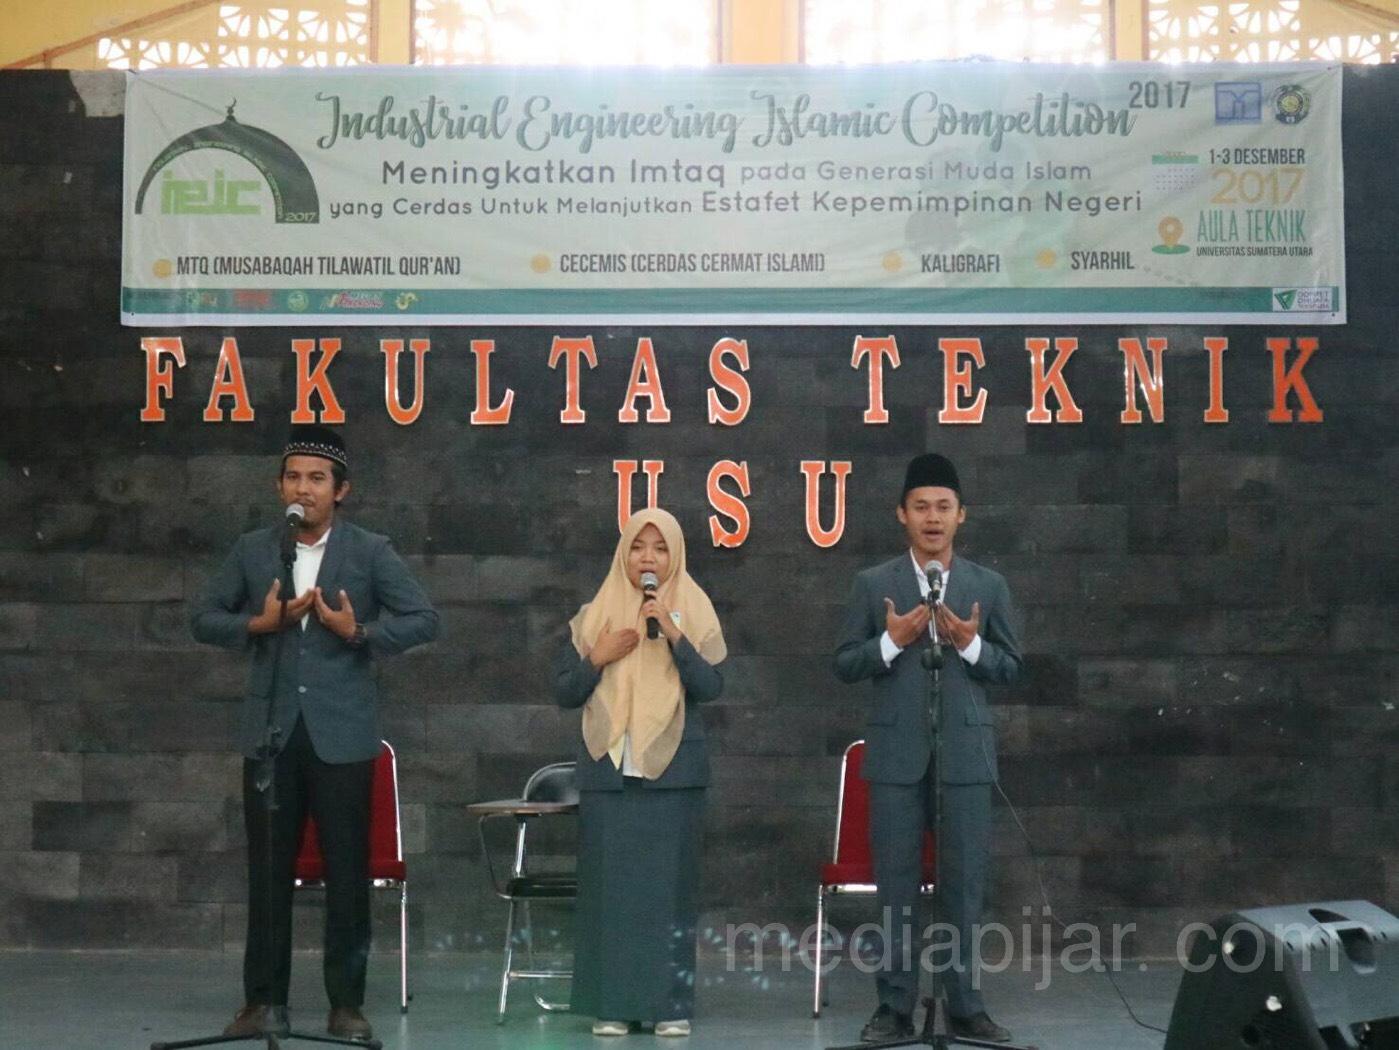 Penyampaian tata cara penilaian oleh dewan juri di Aula Teknik USU (2/12). (Fotografer: Fatin Faiza Siregar)